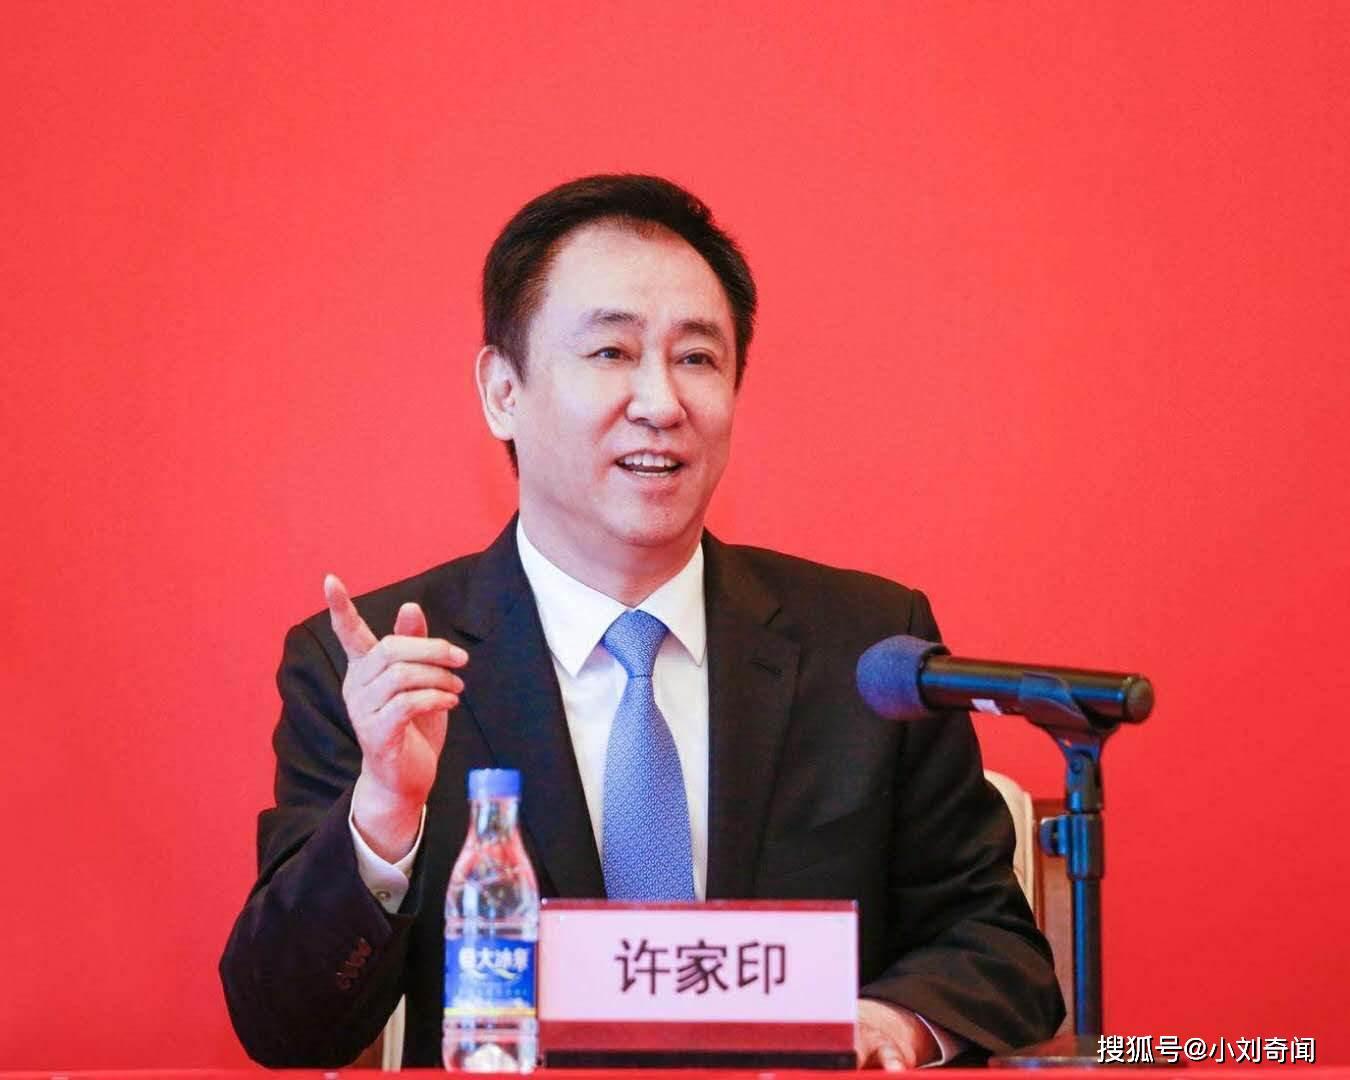 2020年中国首富排行_2020年中国十大首富排行榜,谁是首富